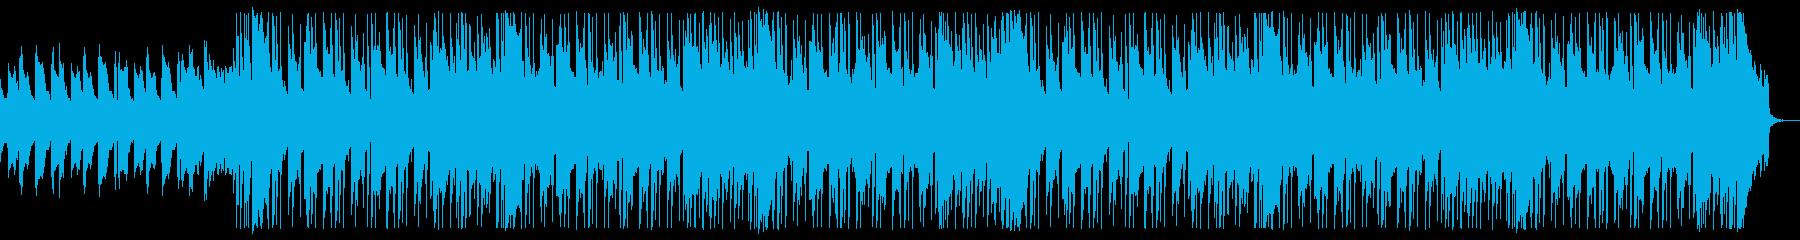 ピアノ中心の明るく爽やかなバンドBGMの再生済みの波形